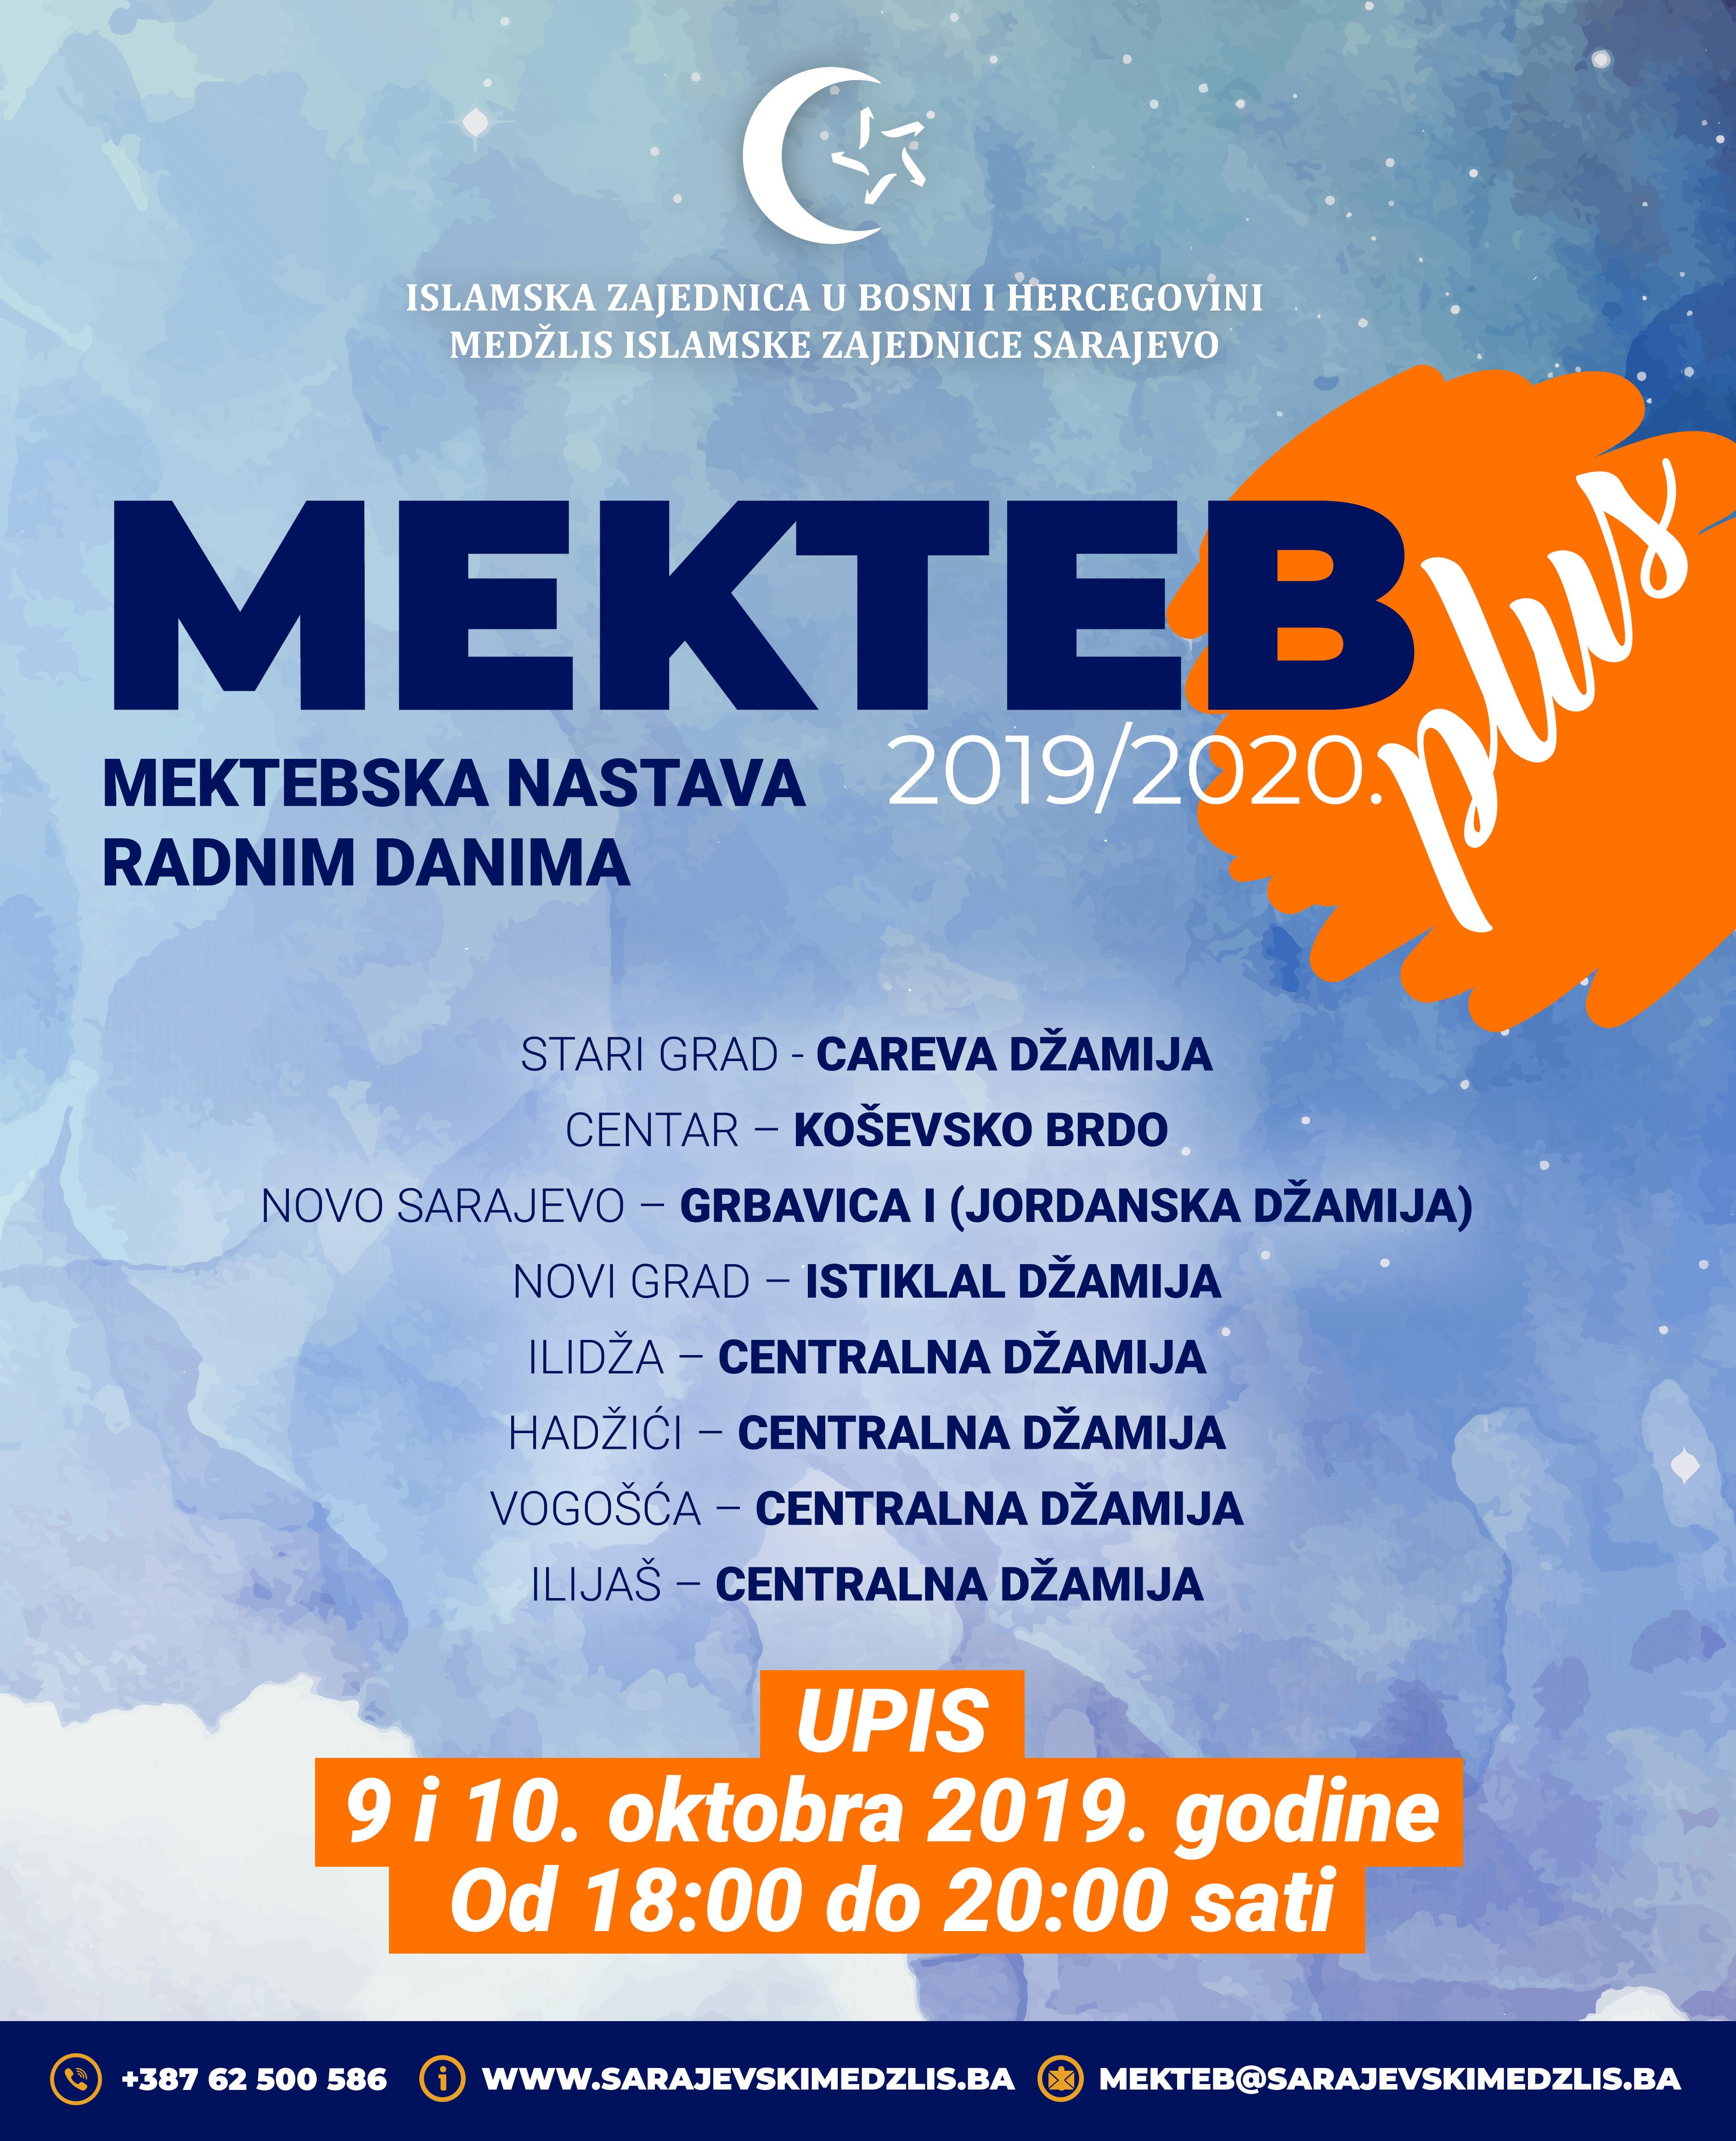 MektebPLUS